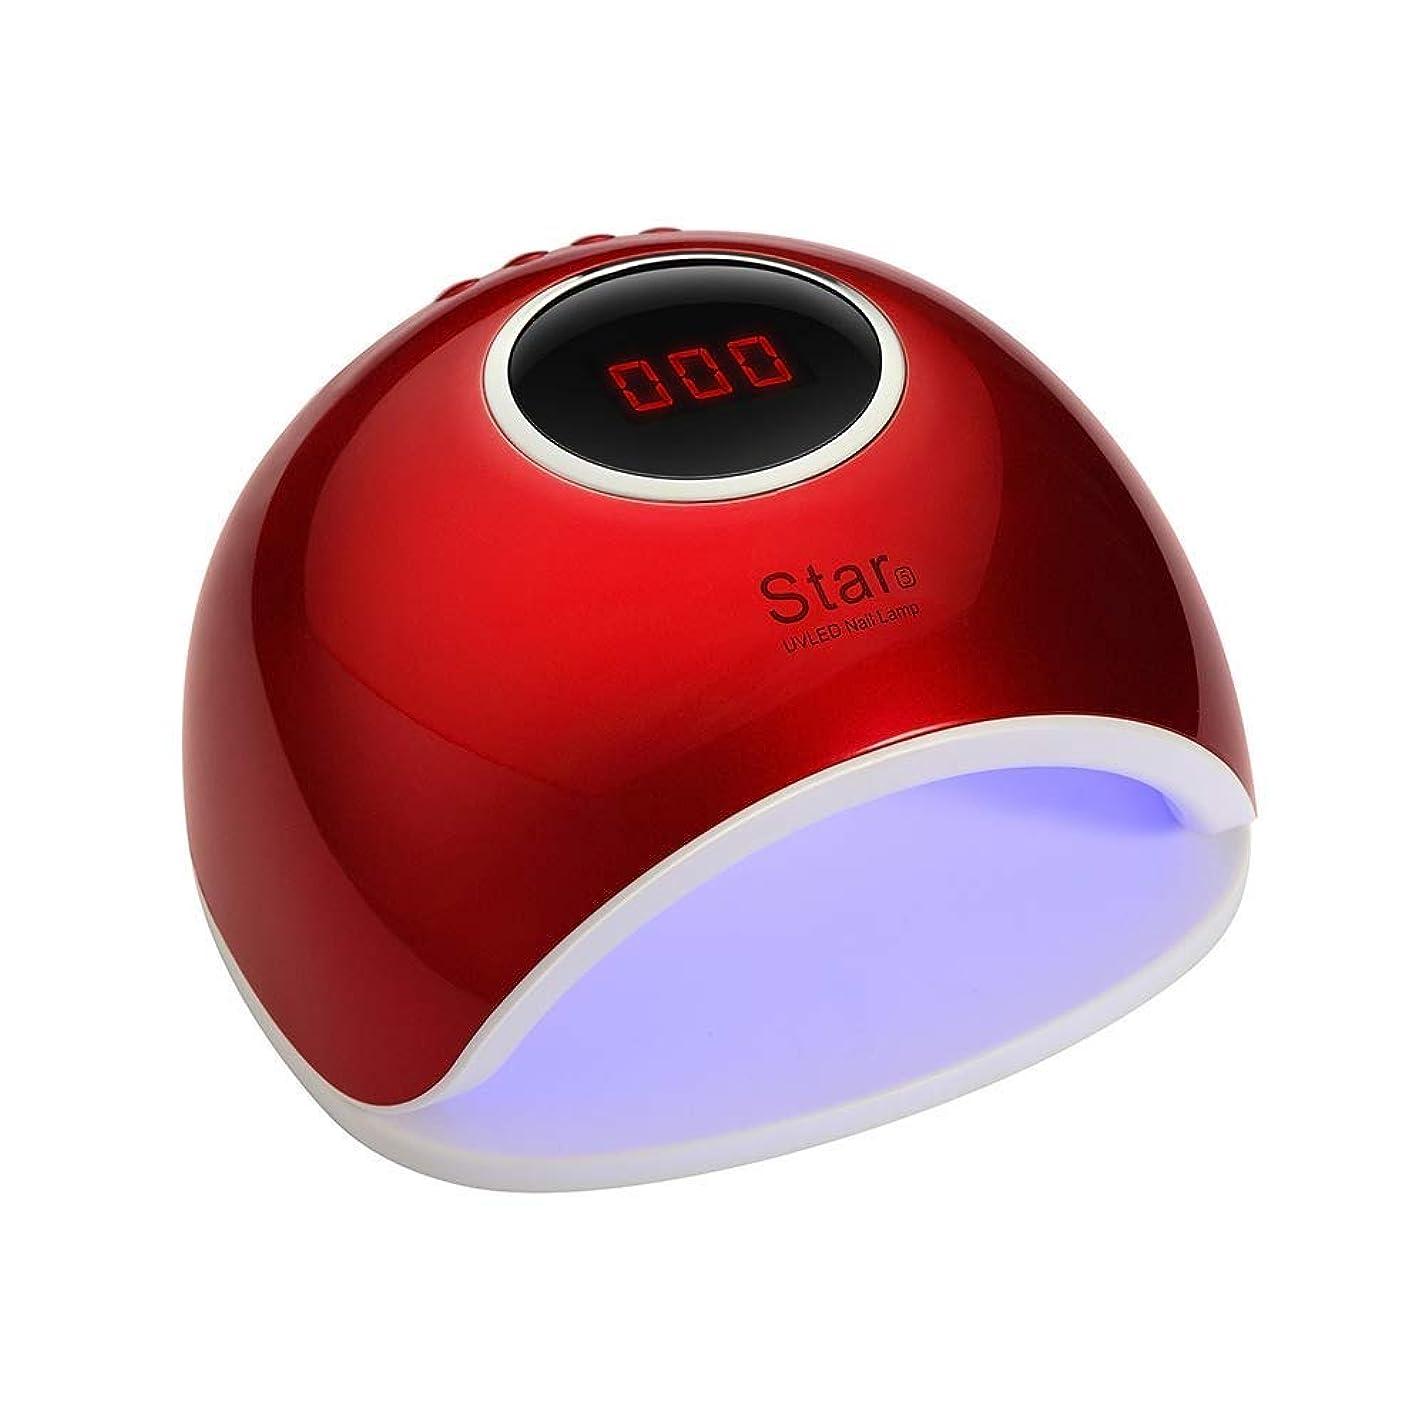 士気シーンブロックする72Wネイルランプ、プロフェッショナルスマートセンサー速乾性痛みのないモードUVネイルドライヤー33ダブル光源LED&4タイマー設定